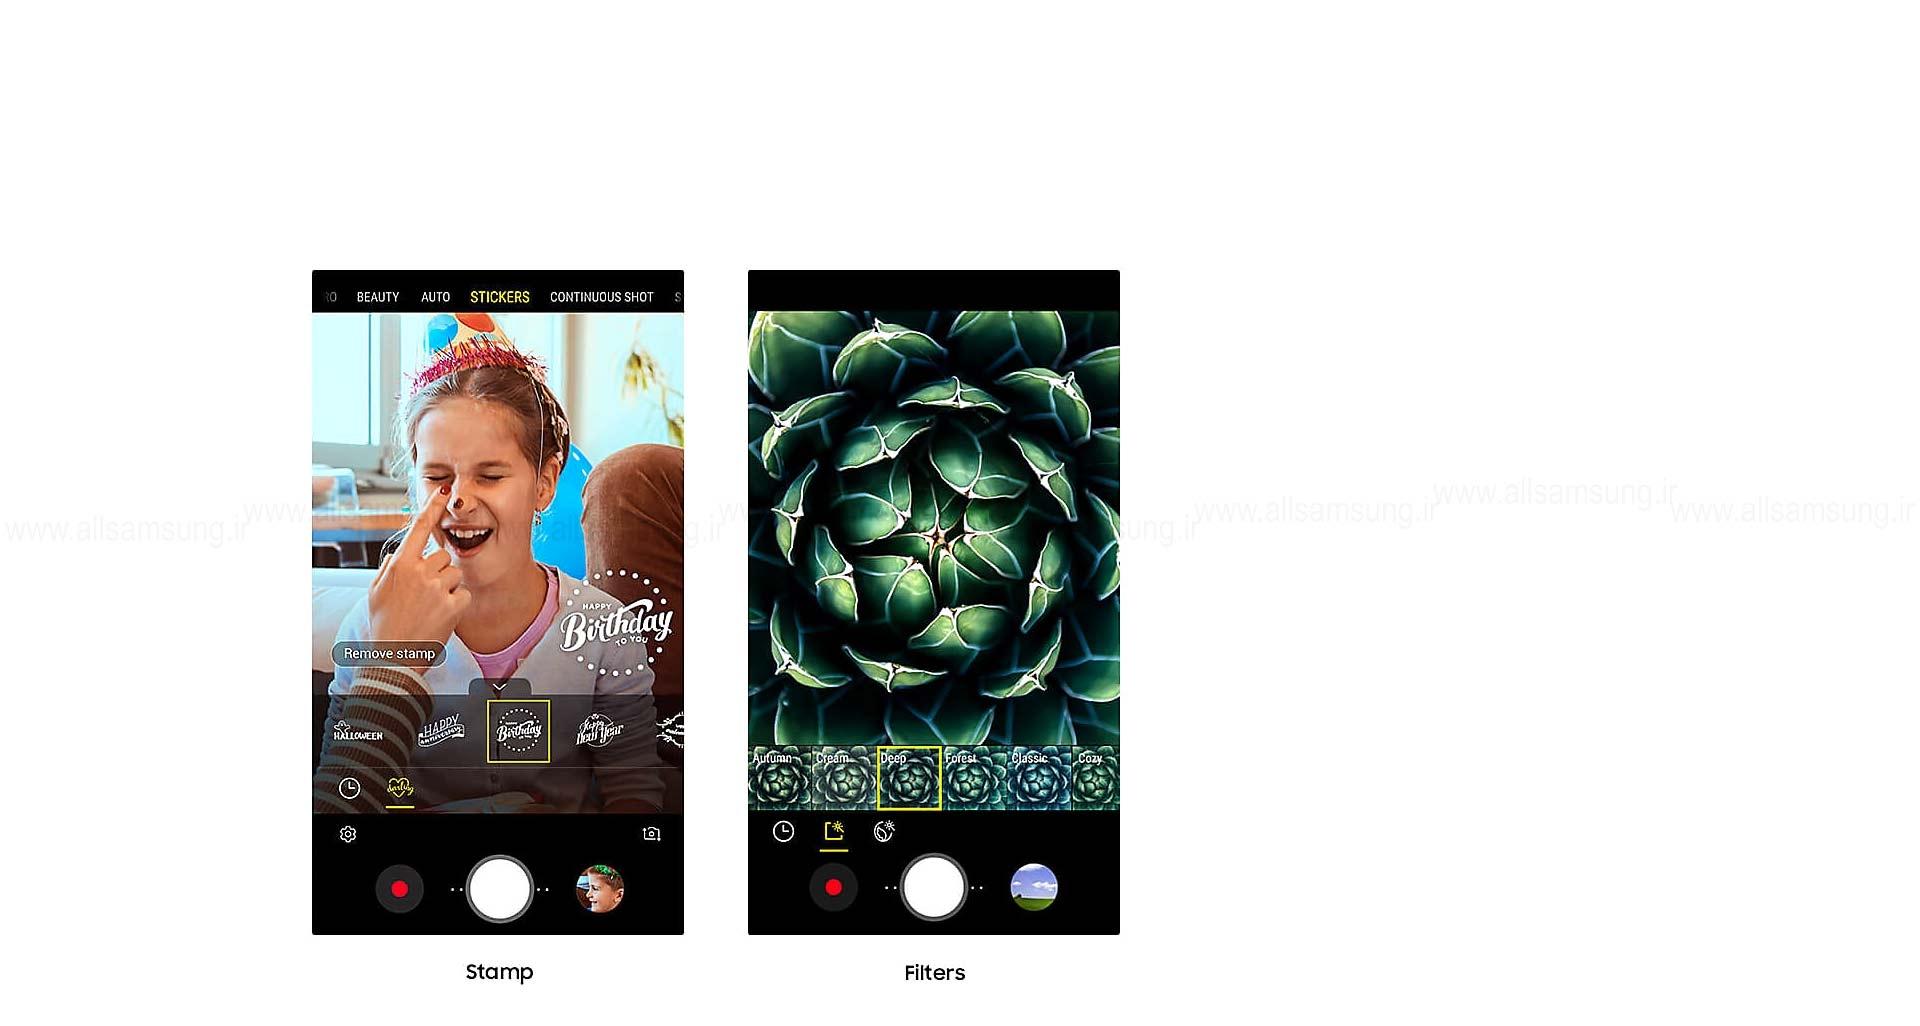 سامسونگ گلکسی j4 با قابلیت ثبت تصاویری جذاب و خلاقانه